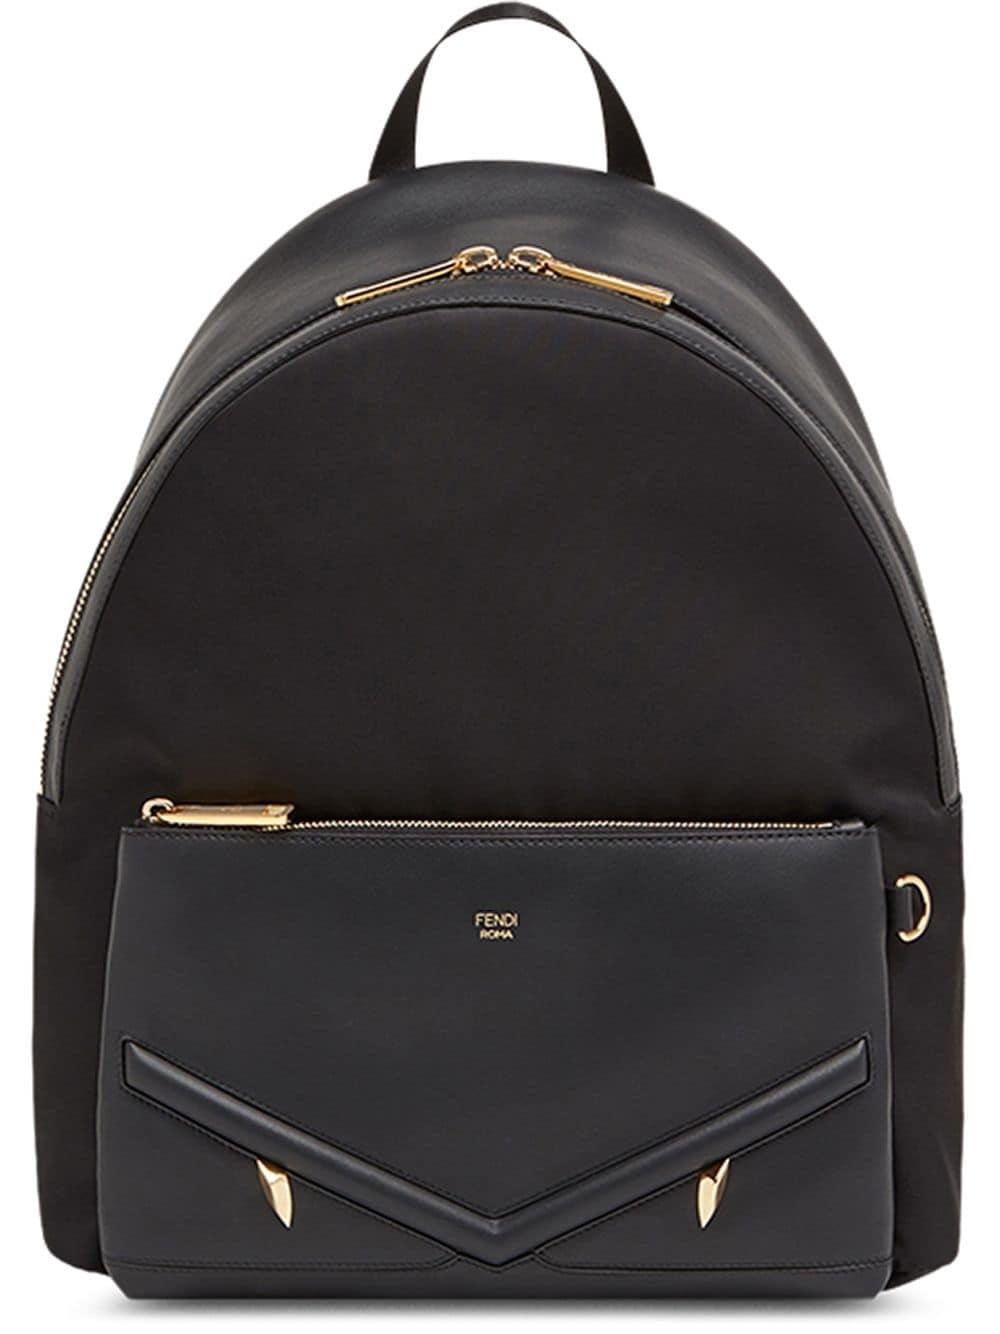 Fendi Rucksack mit aufgesetzter Tasche - Schwarz